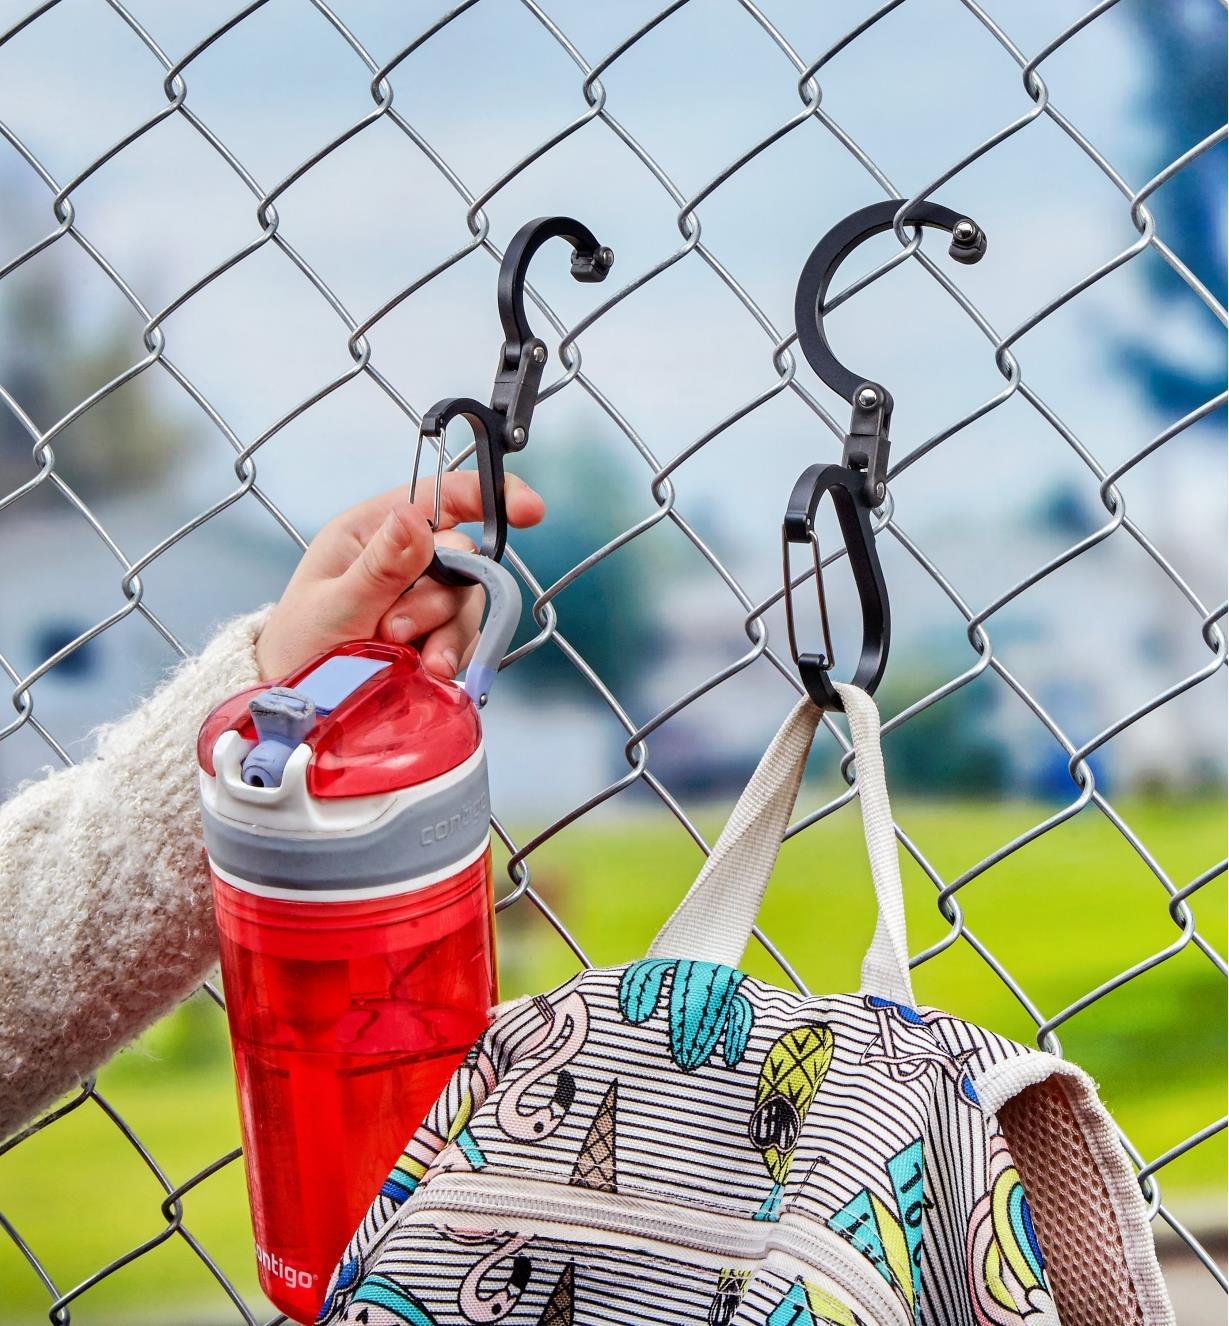 Deux mousquetons à crochet Heroclip servant à suspendre la gourde et le sac à dos d'un enfant à la clôture d'une cour d'école